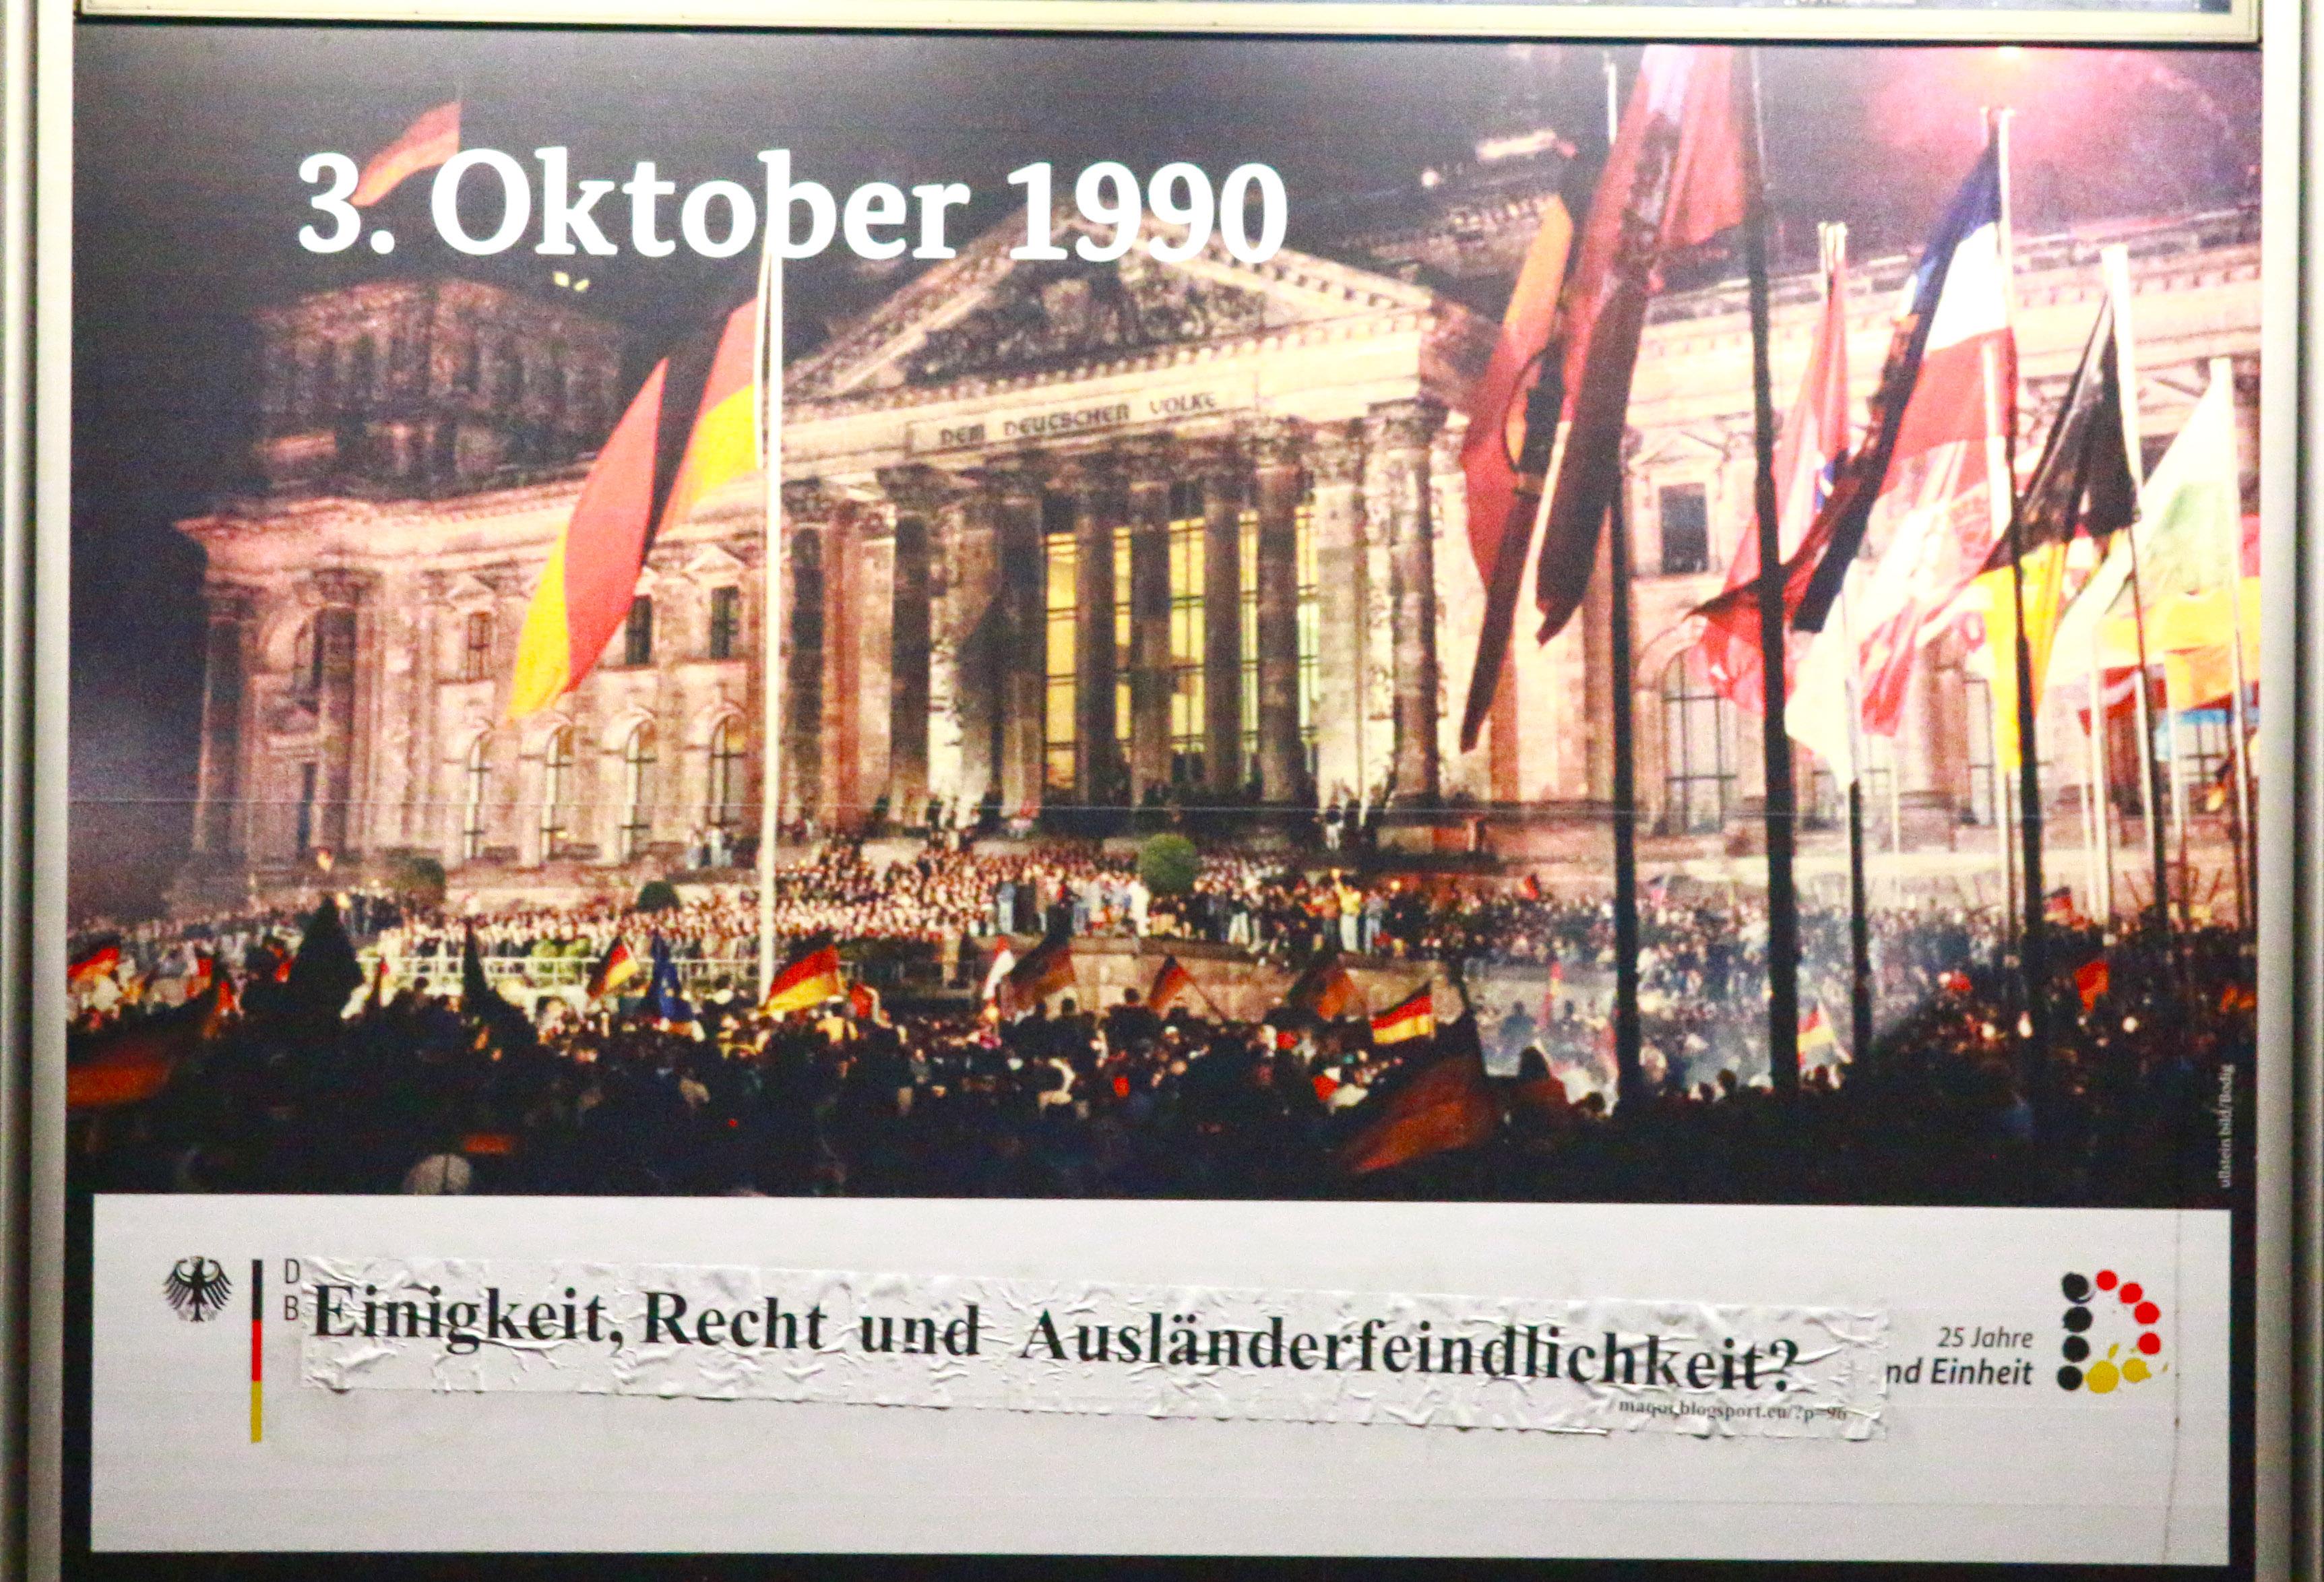 Adbusting am Bundespresseamt, 3.10.2015